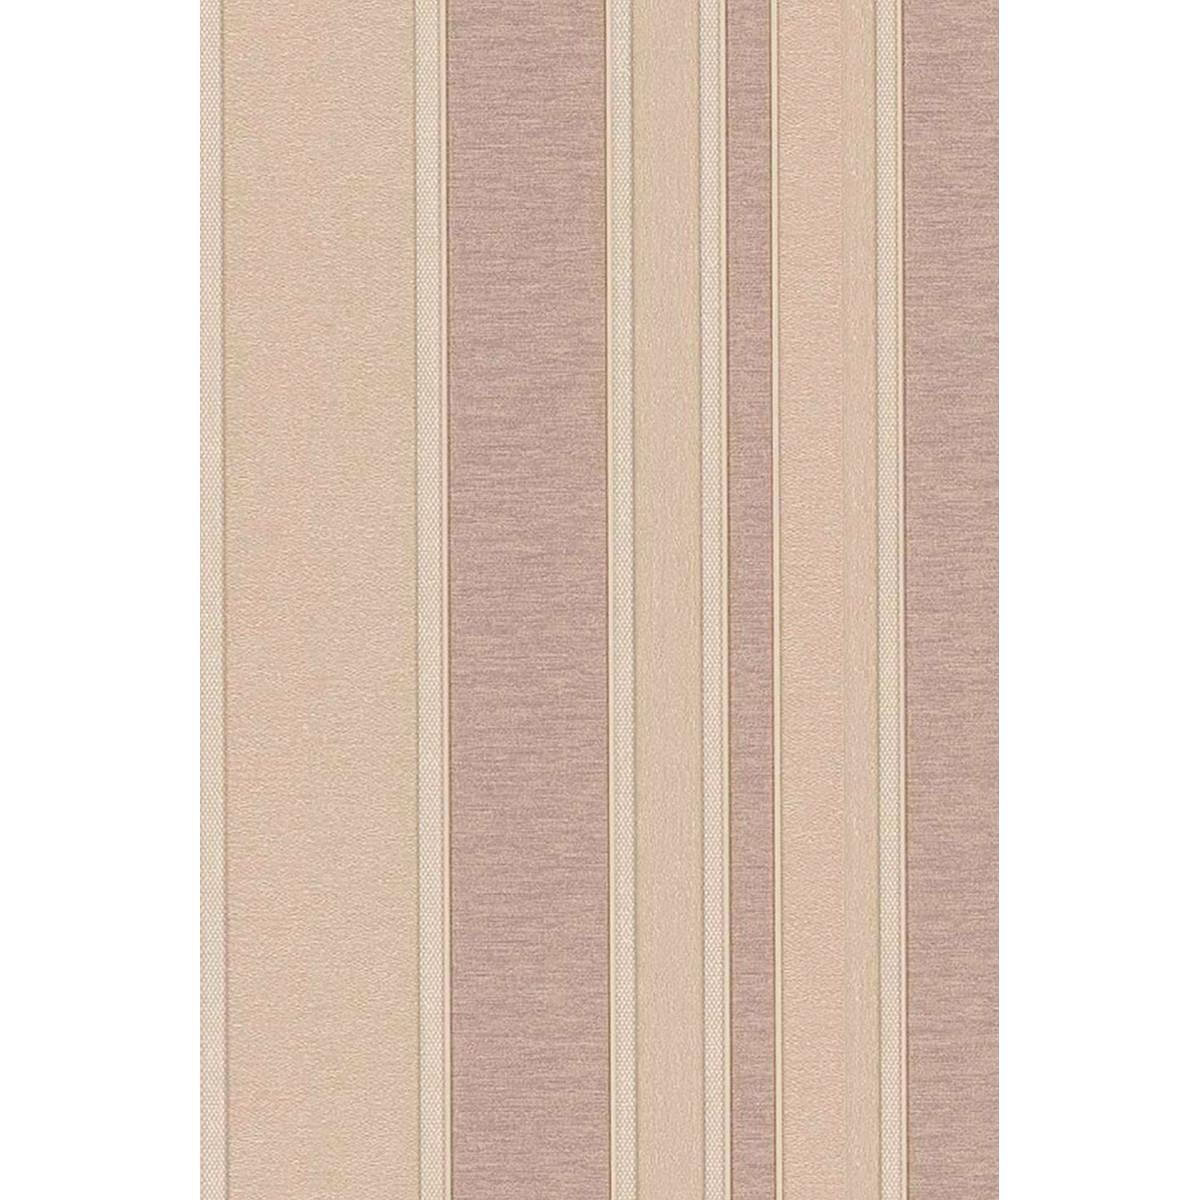 Обои флизелиновые Euro Decor коричневые 1.06 м 3782-6